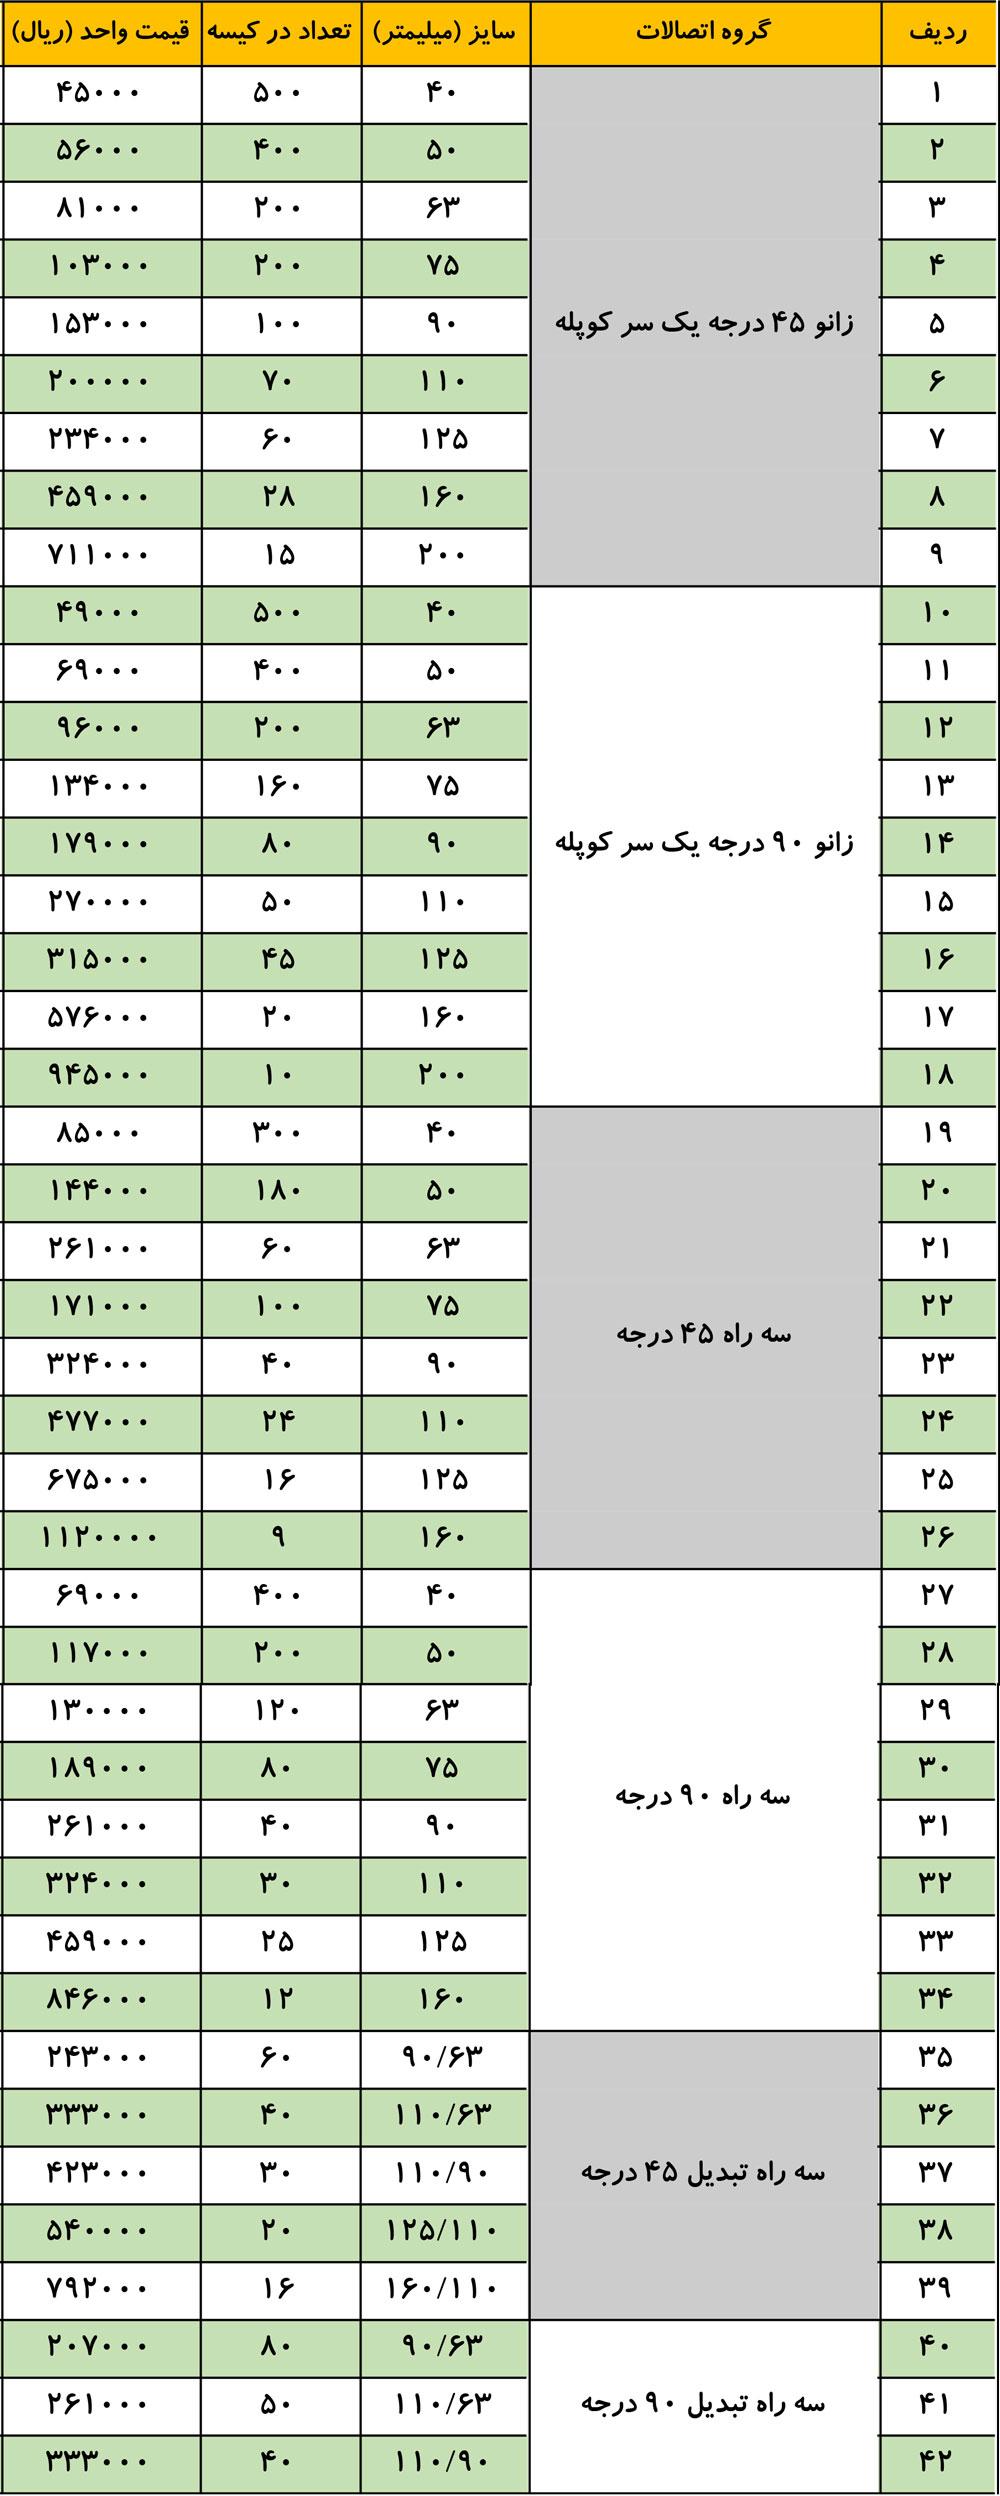 لیست قیمت اتصالات پلیکا 1